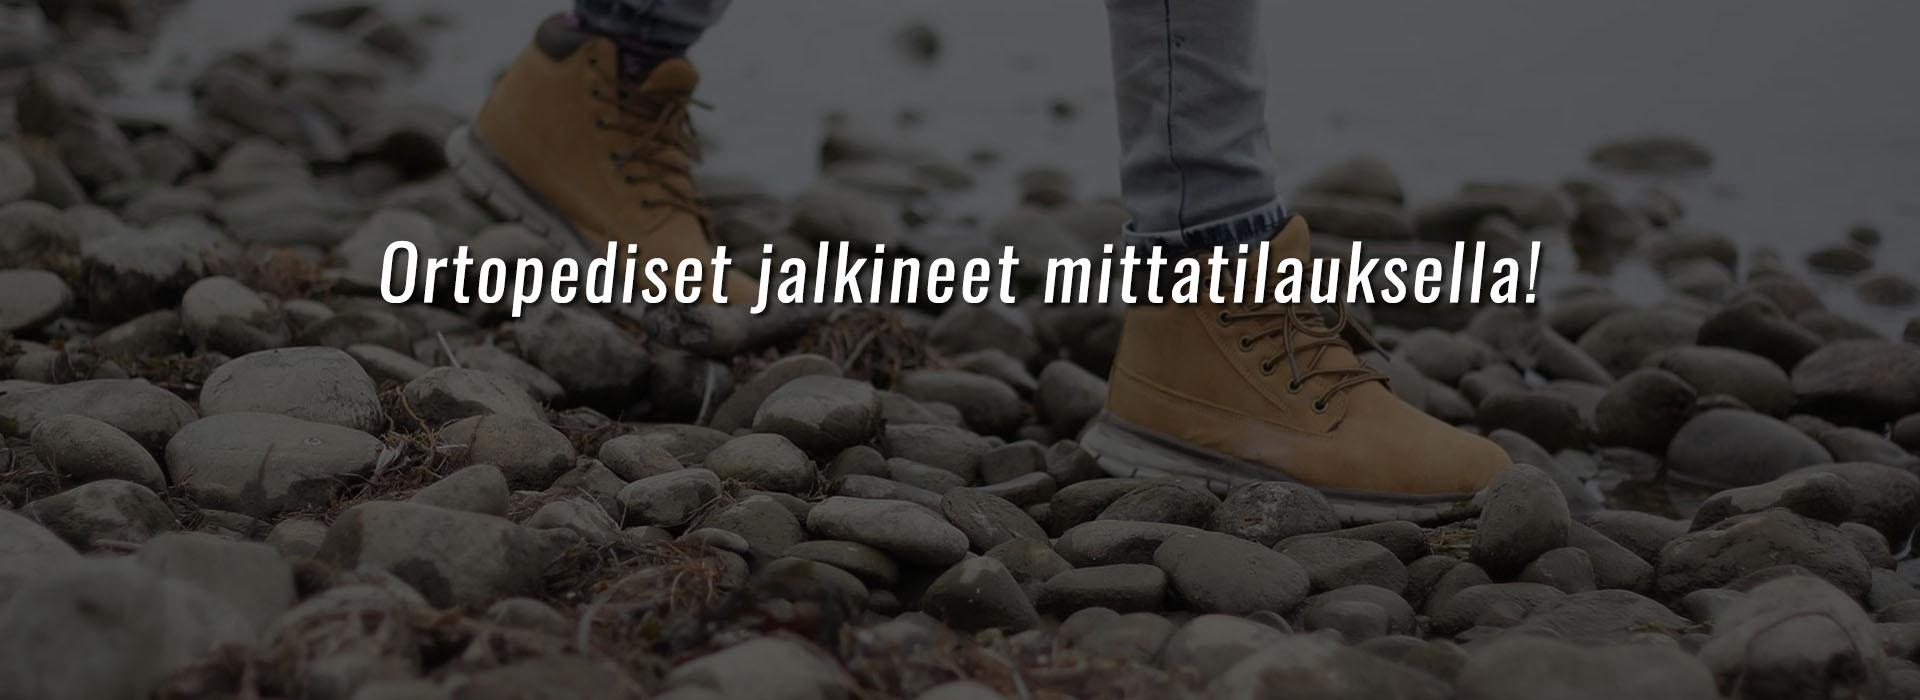 Ortopediset jalkineet mittatilauksella - Erikoissuutarit • Tampere